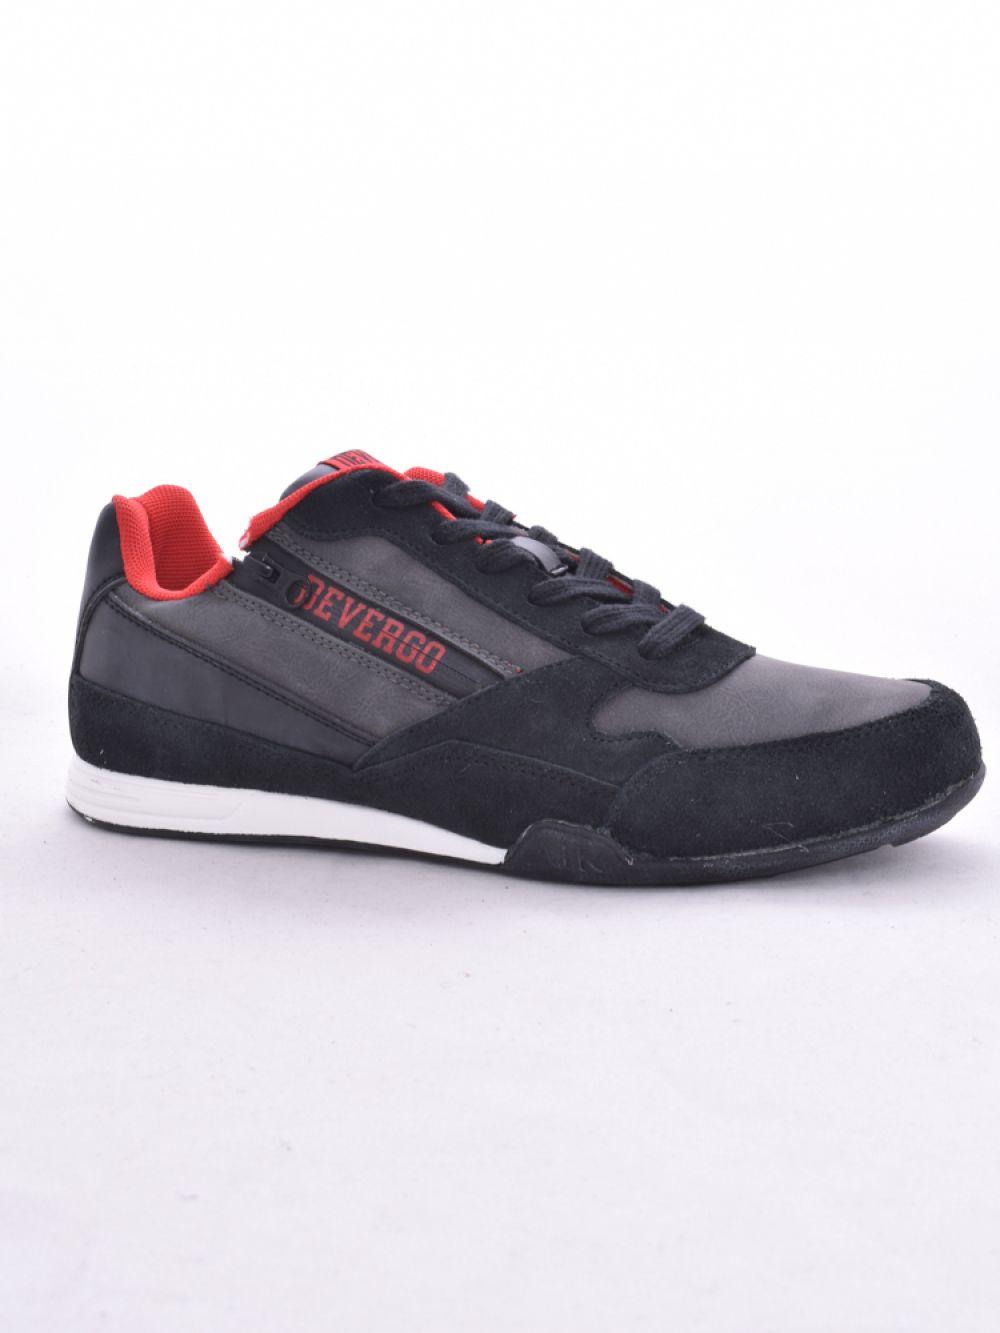 Devergo - Férfi Rövid szárú cipő  9a864397d7